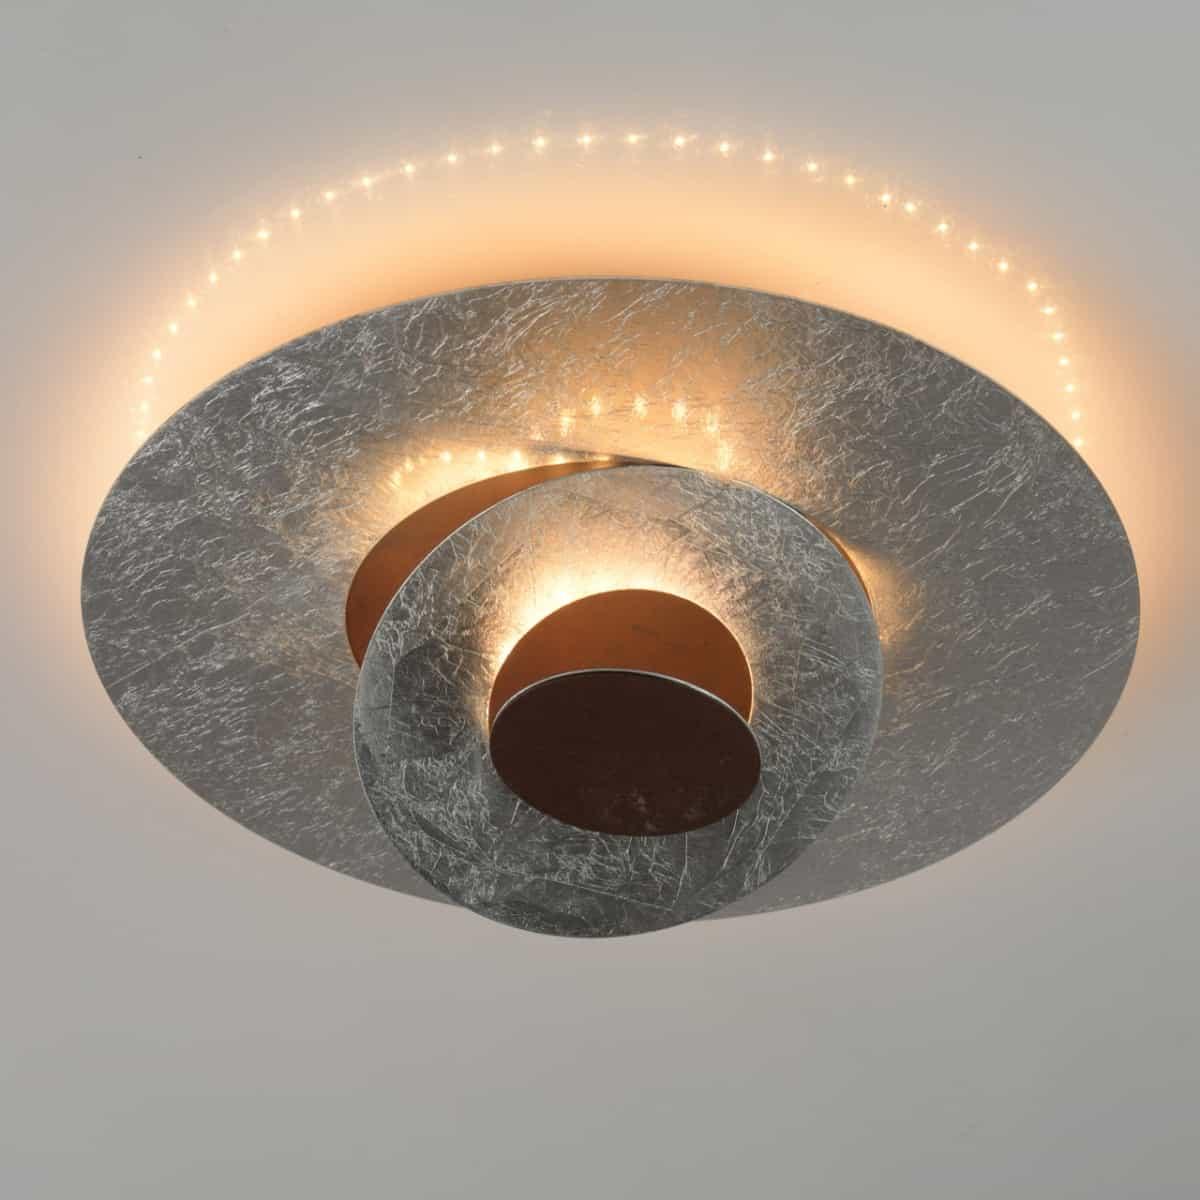 Lustra moderna hi-tech argintie, de la Demarkt, cu LED, cu lumina calda, in tonuri de oranj, pe un fundal gri deschis